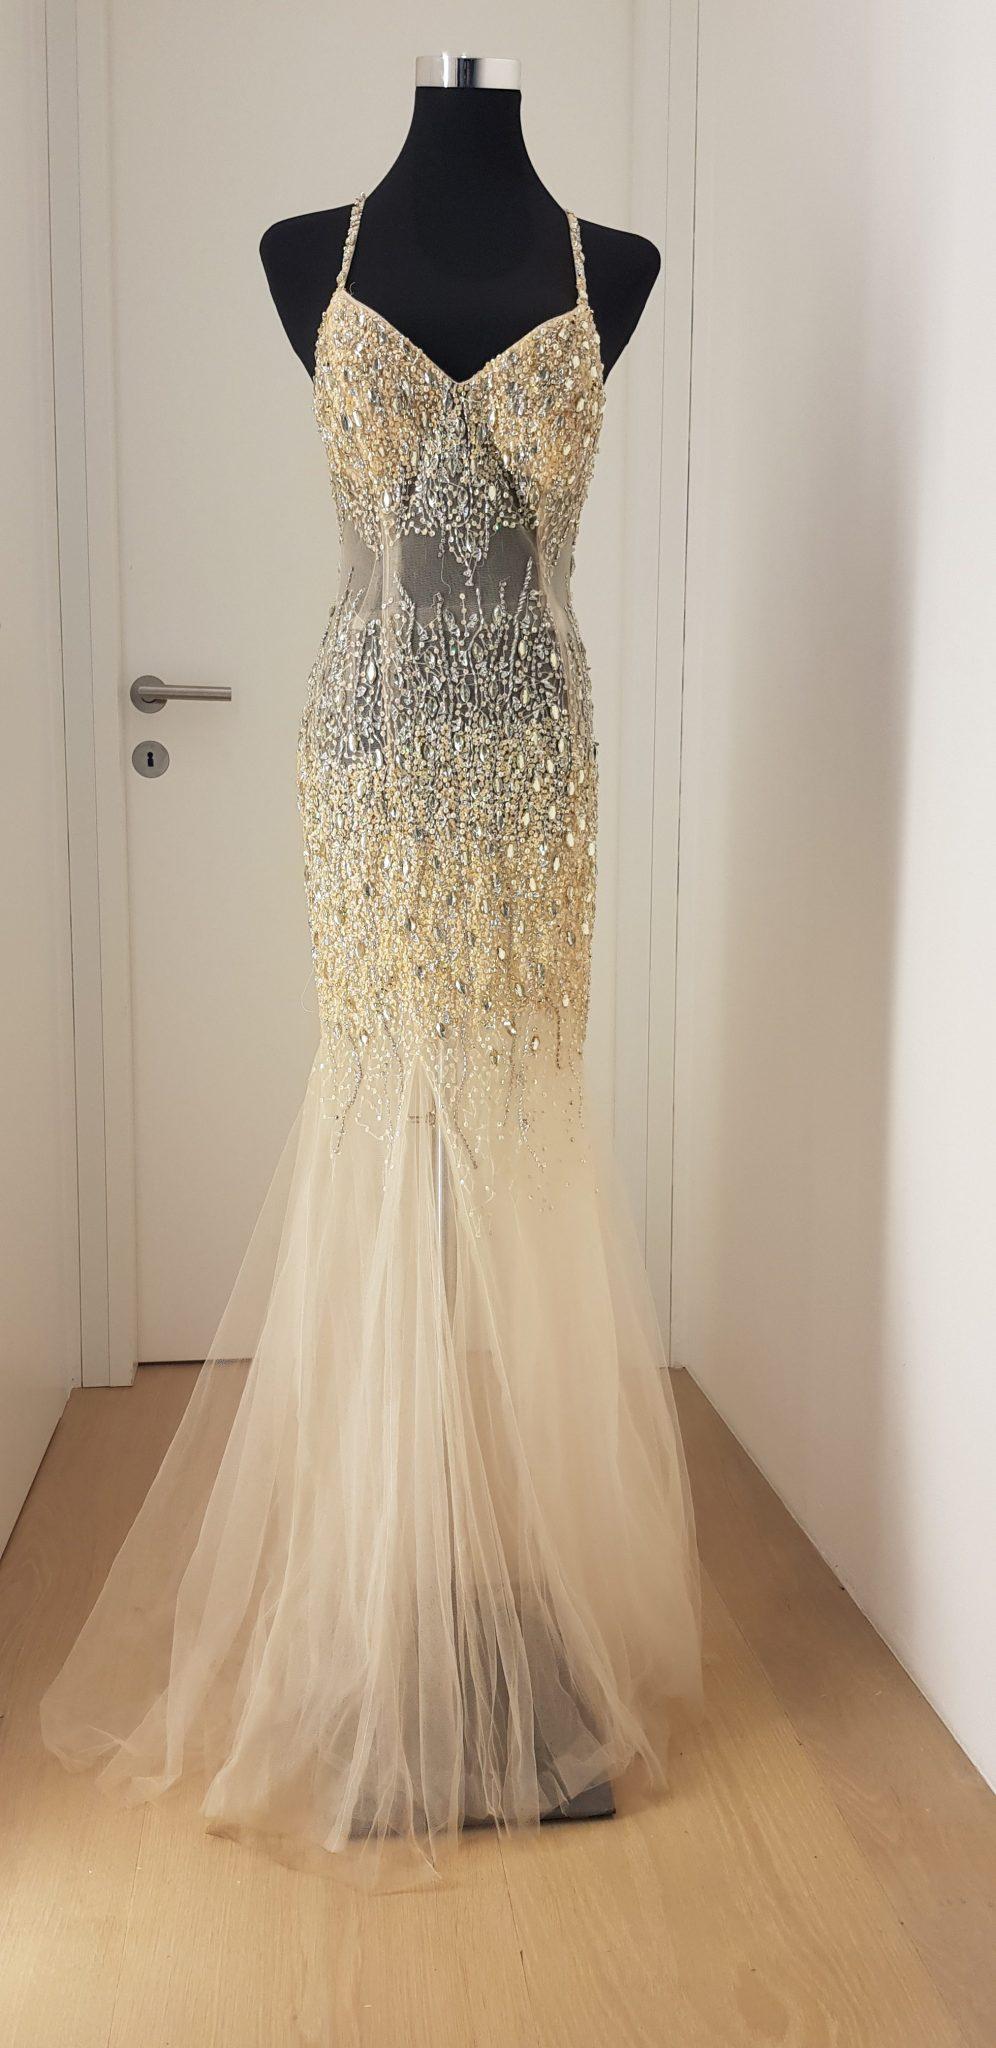 Ballkleid, Terani Couture, weiß - Luxuspuppe-Luxusmode aus zweiter